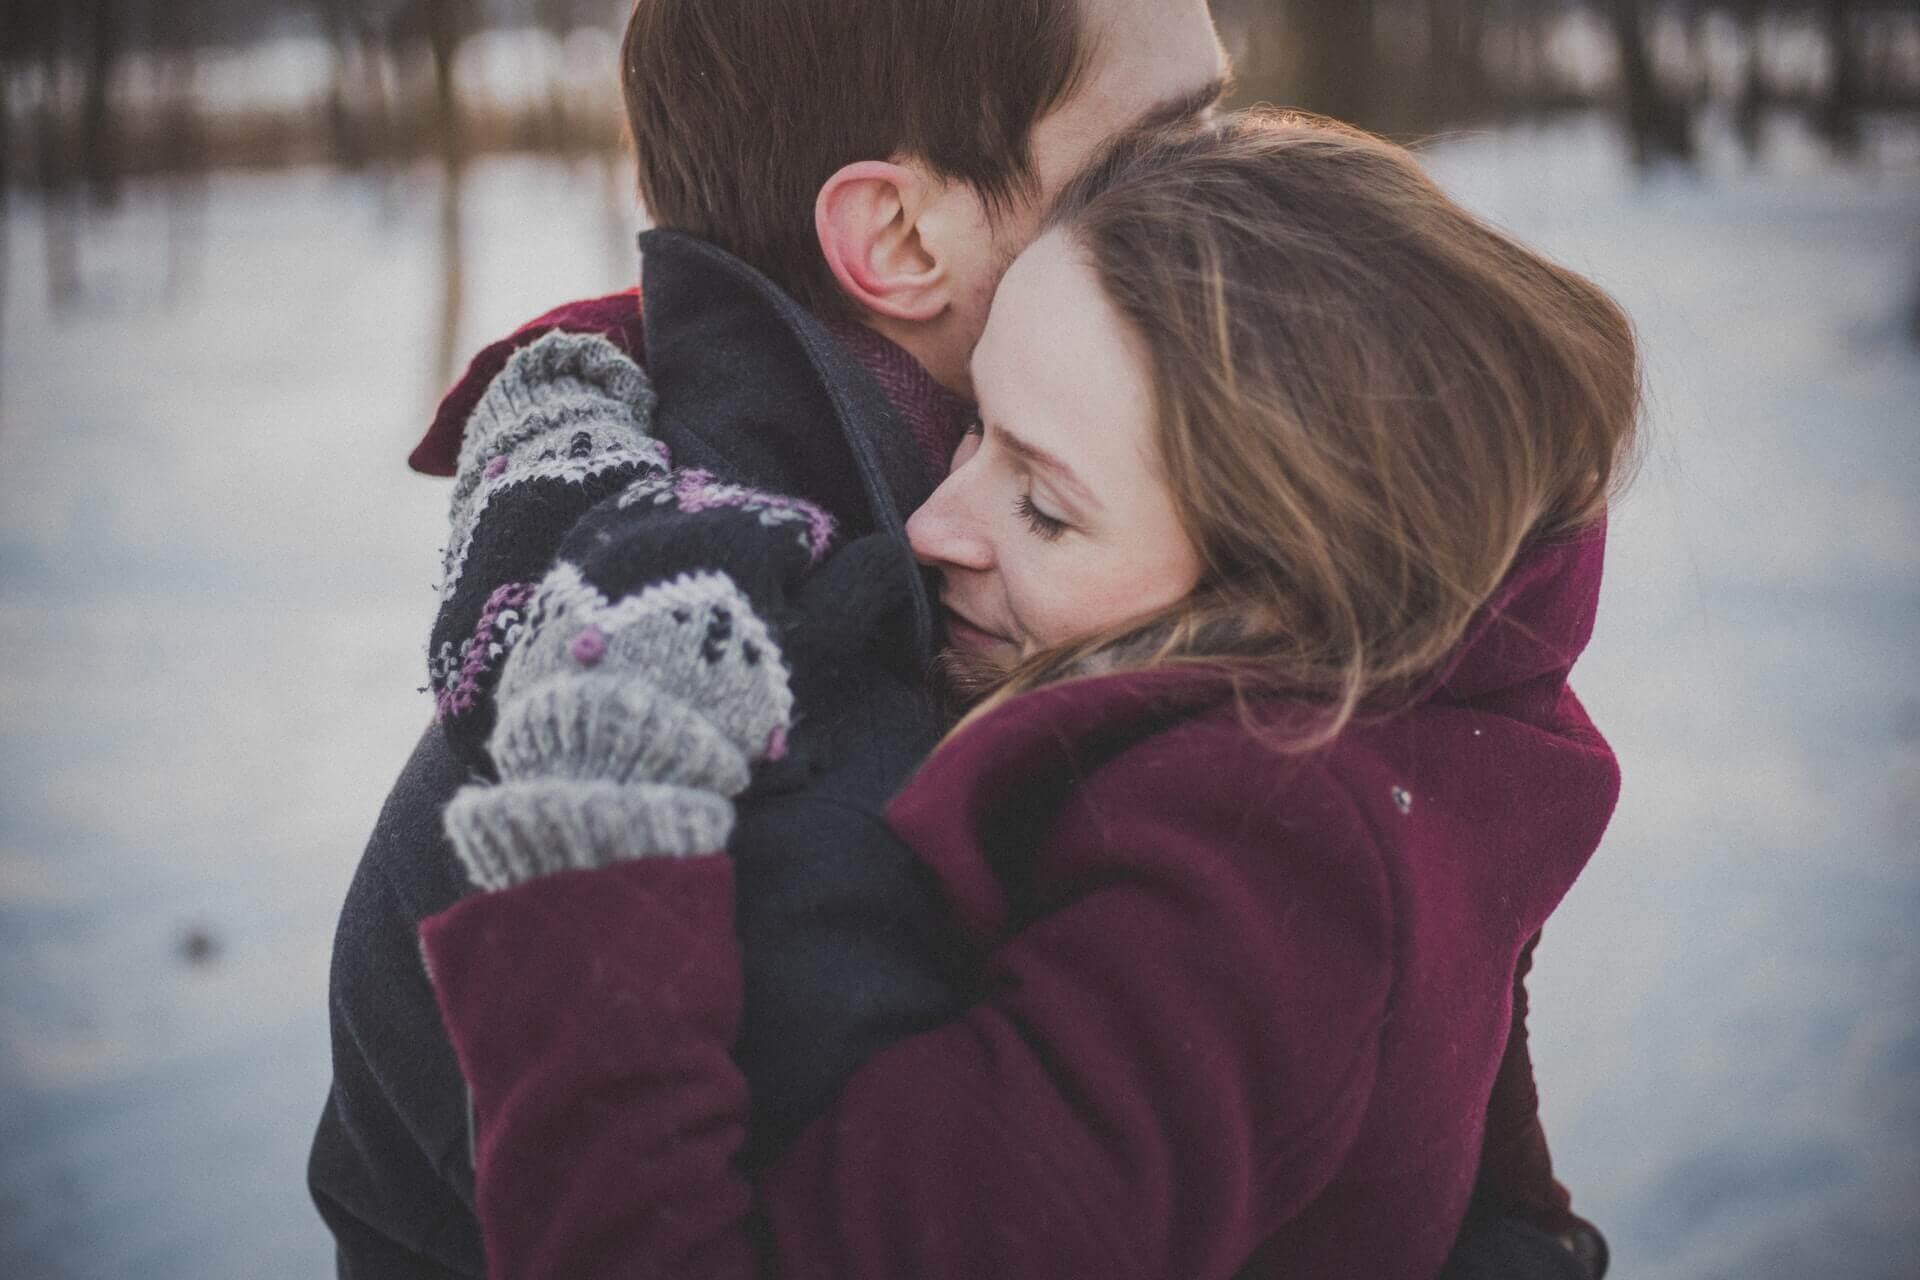 Evlilikte Yakınlığı Geliştirme